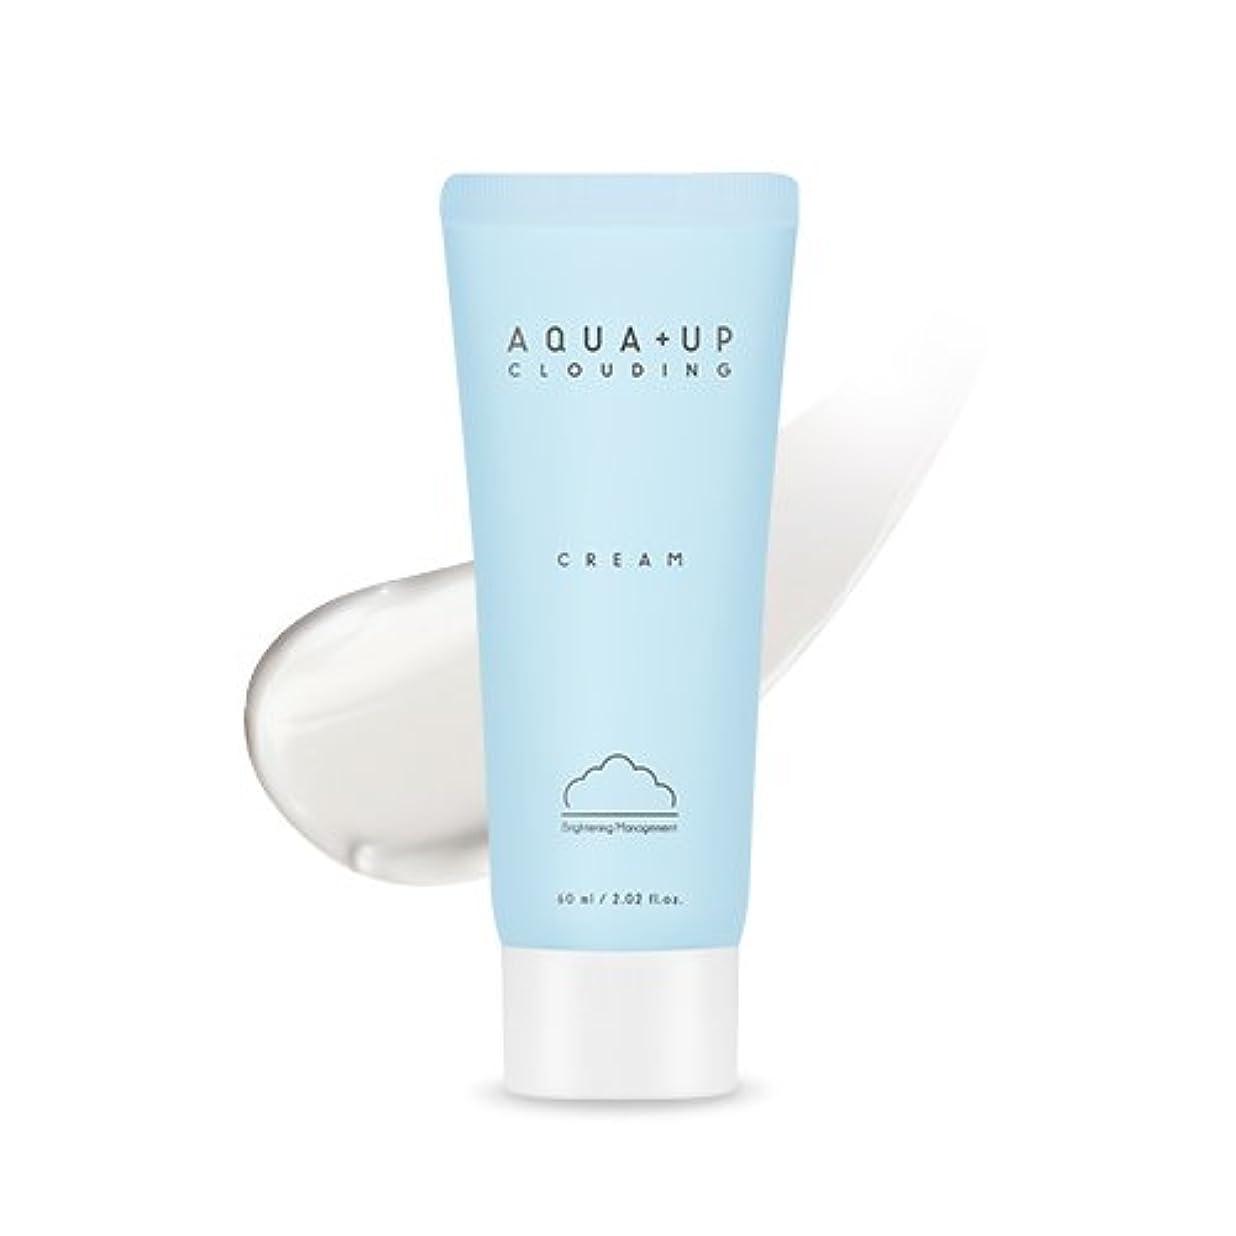 単位ハンディリクルートAPIEU (AQUA+UP) Clouding Cream/アピュアクアアップクラウドディングクリーム 60ml [並行輸入品]